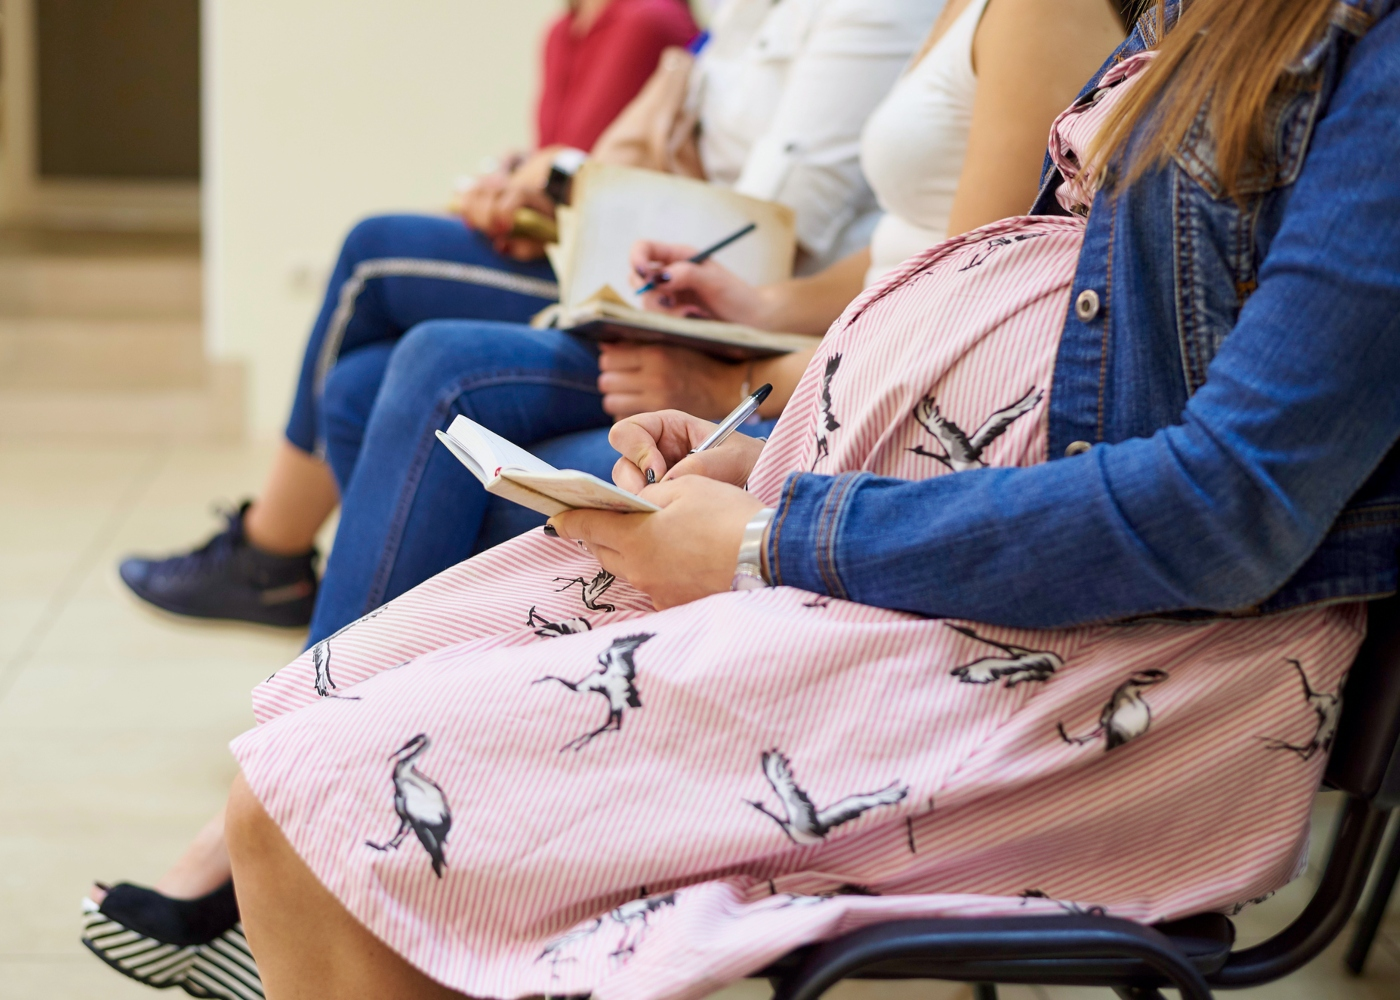 Grávida numa aula de preparação para o parto